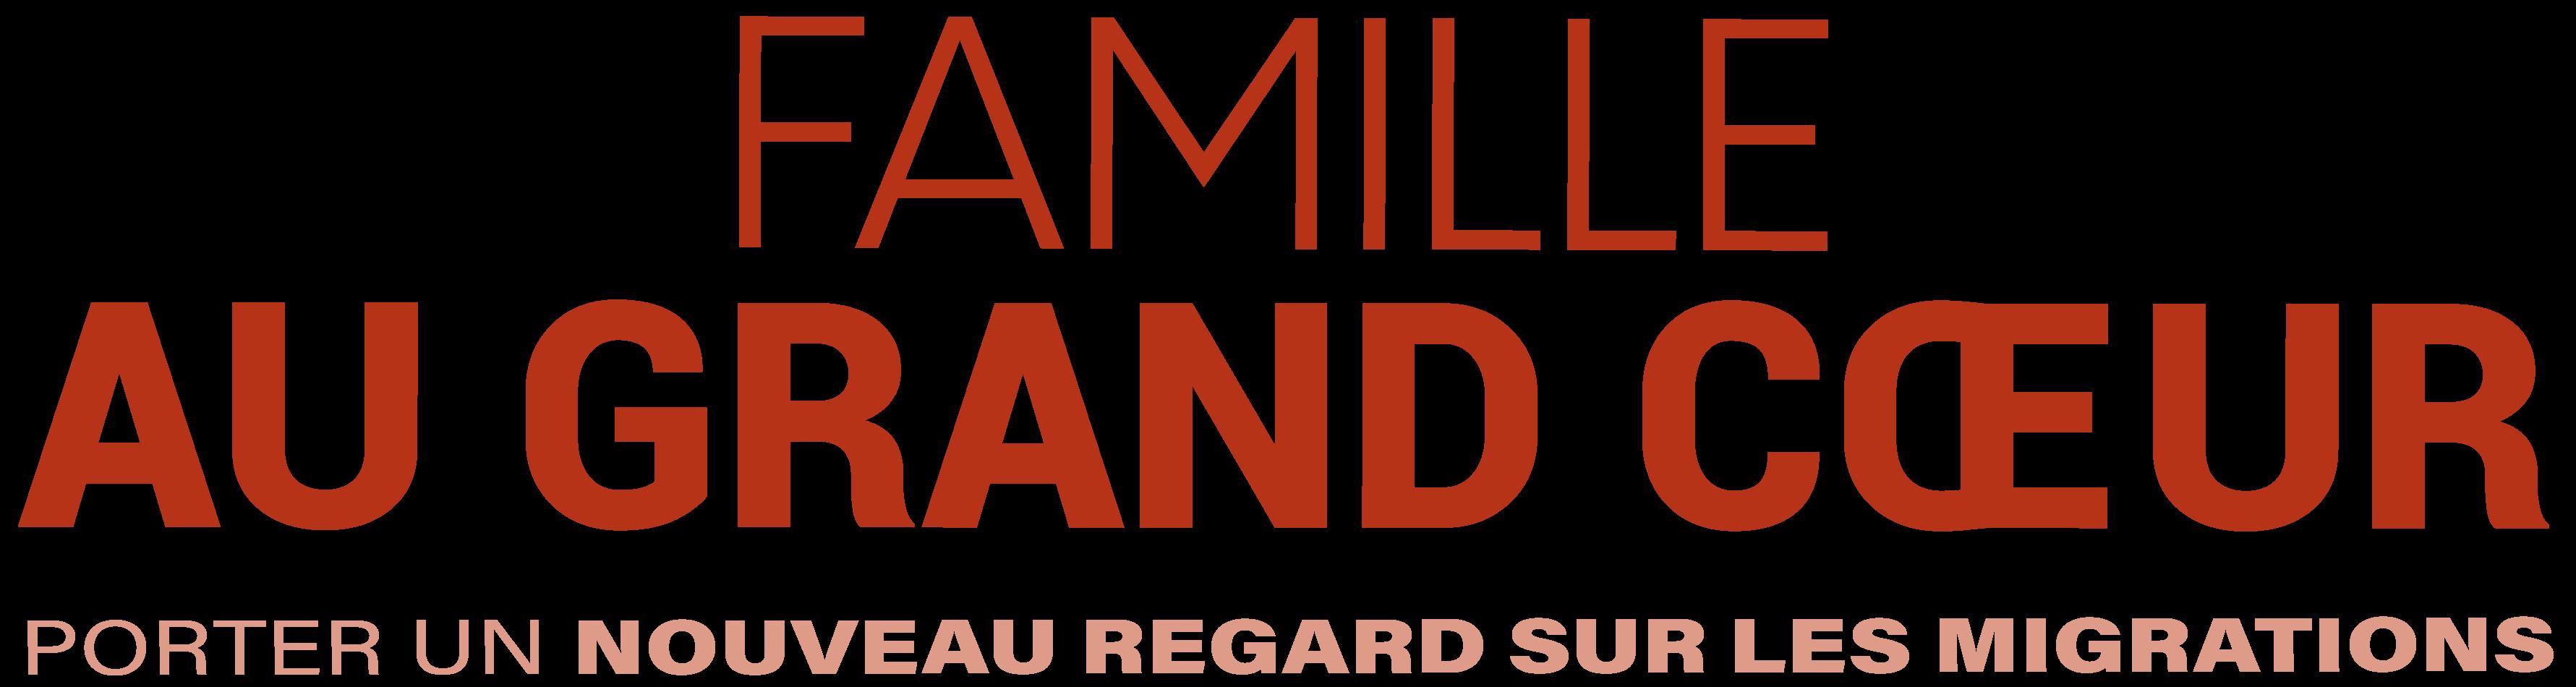 Famille au grand coeur